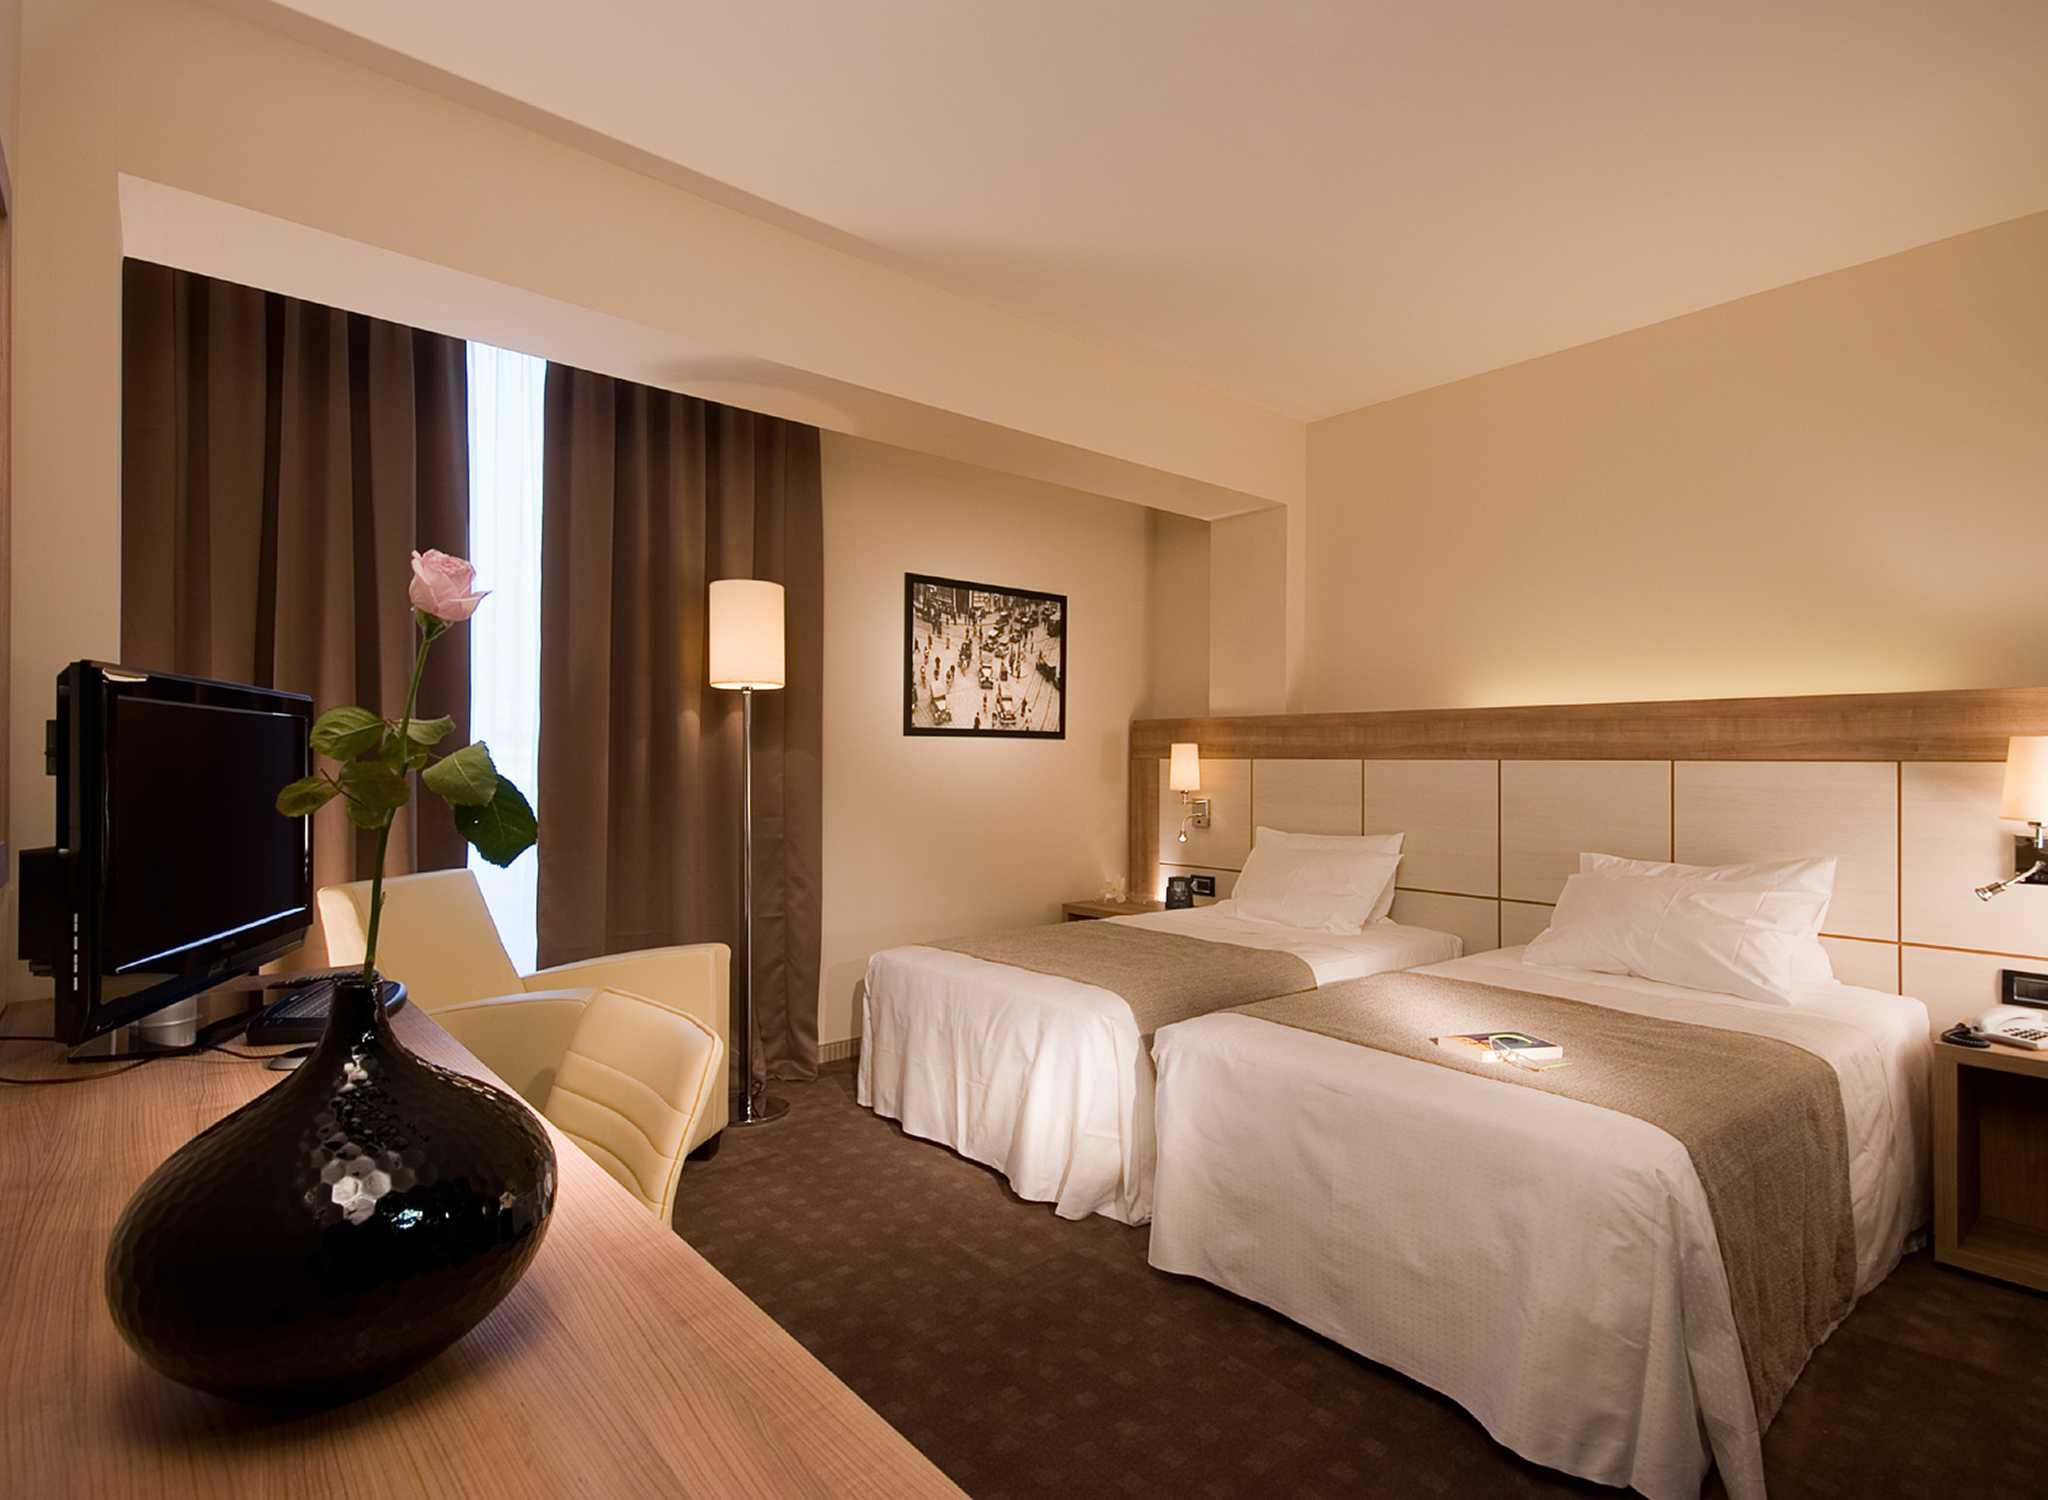 Migliori Hotel Milano Marittima